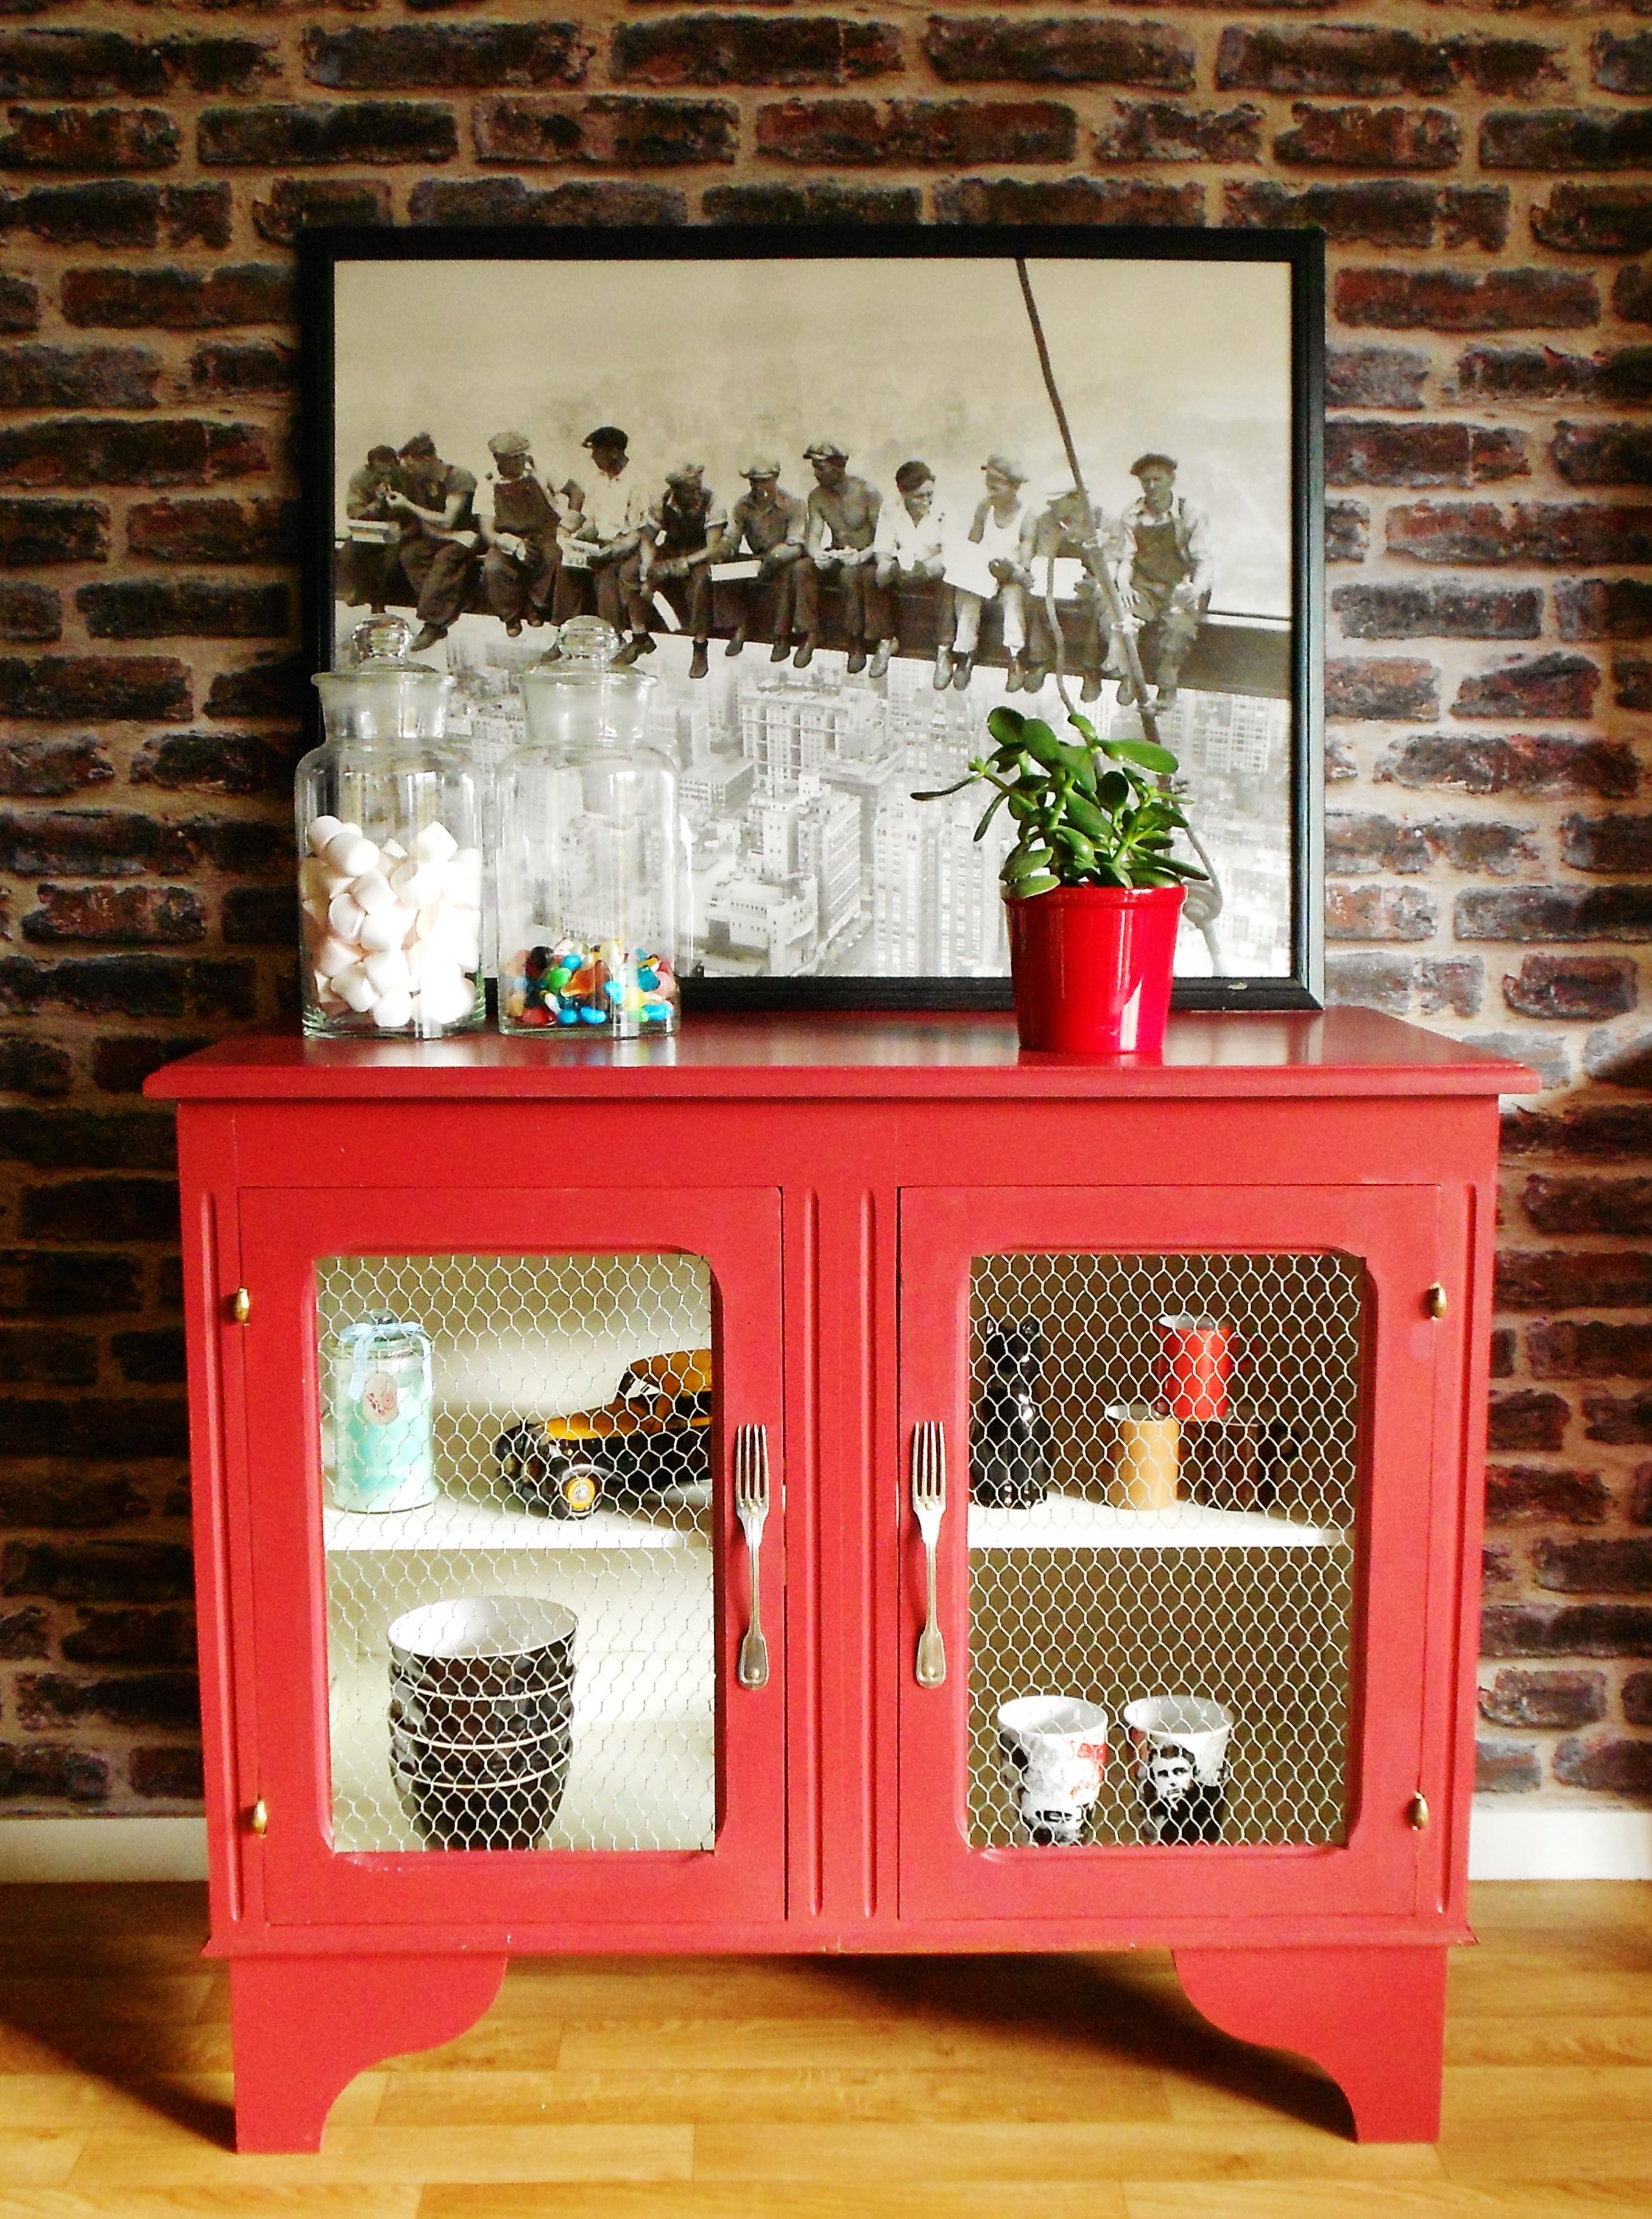 Meuble bahut rouge créé à partir de deux anciens caissons de cuisine. L'intérieur a été vidé puis remplacé par du grillage d'enclos et les poignées sont de vieilles fourchettes en argent